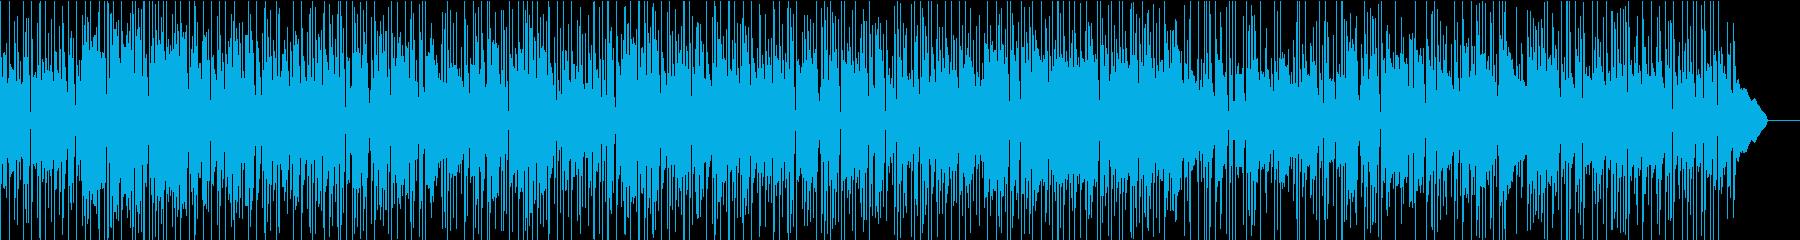 英詞、ヒントくれ!アコギブルージィロックの再生済みの波形